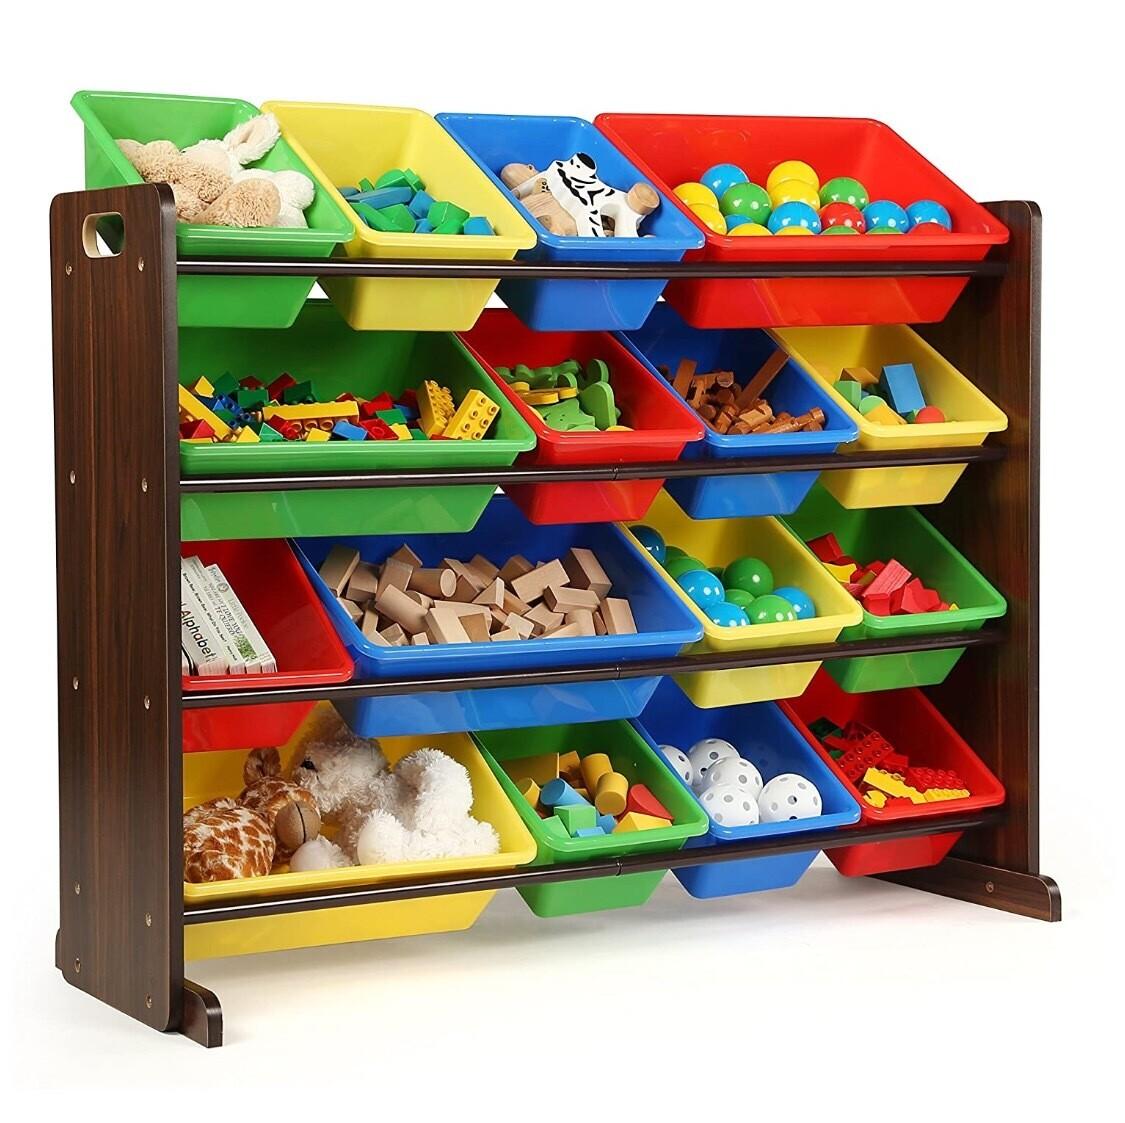 Organizador para almacenamiento de juguetes para niños, Plástico Madera, Espresso/Primario